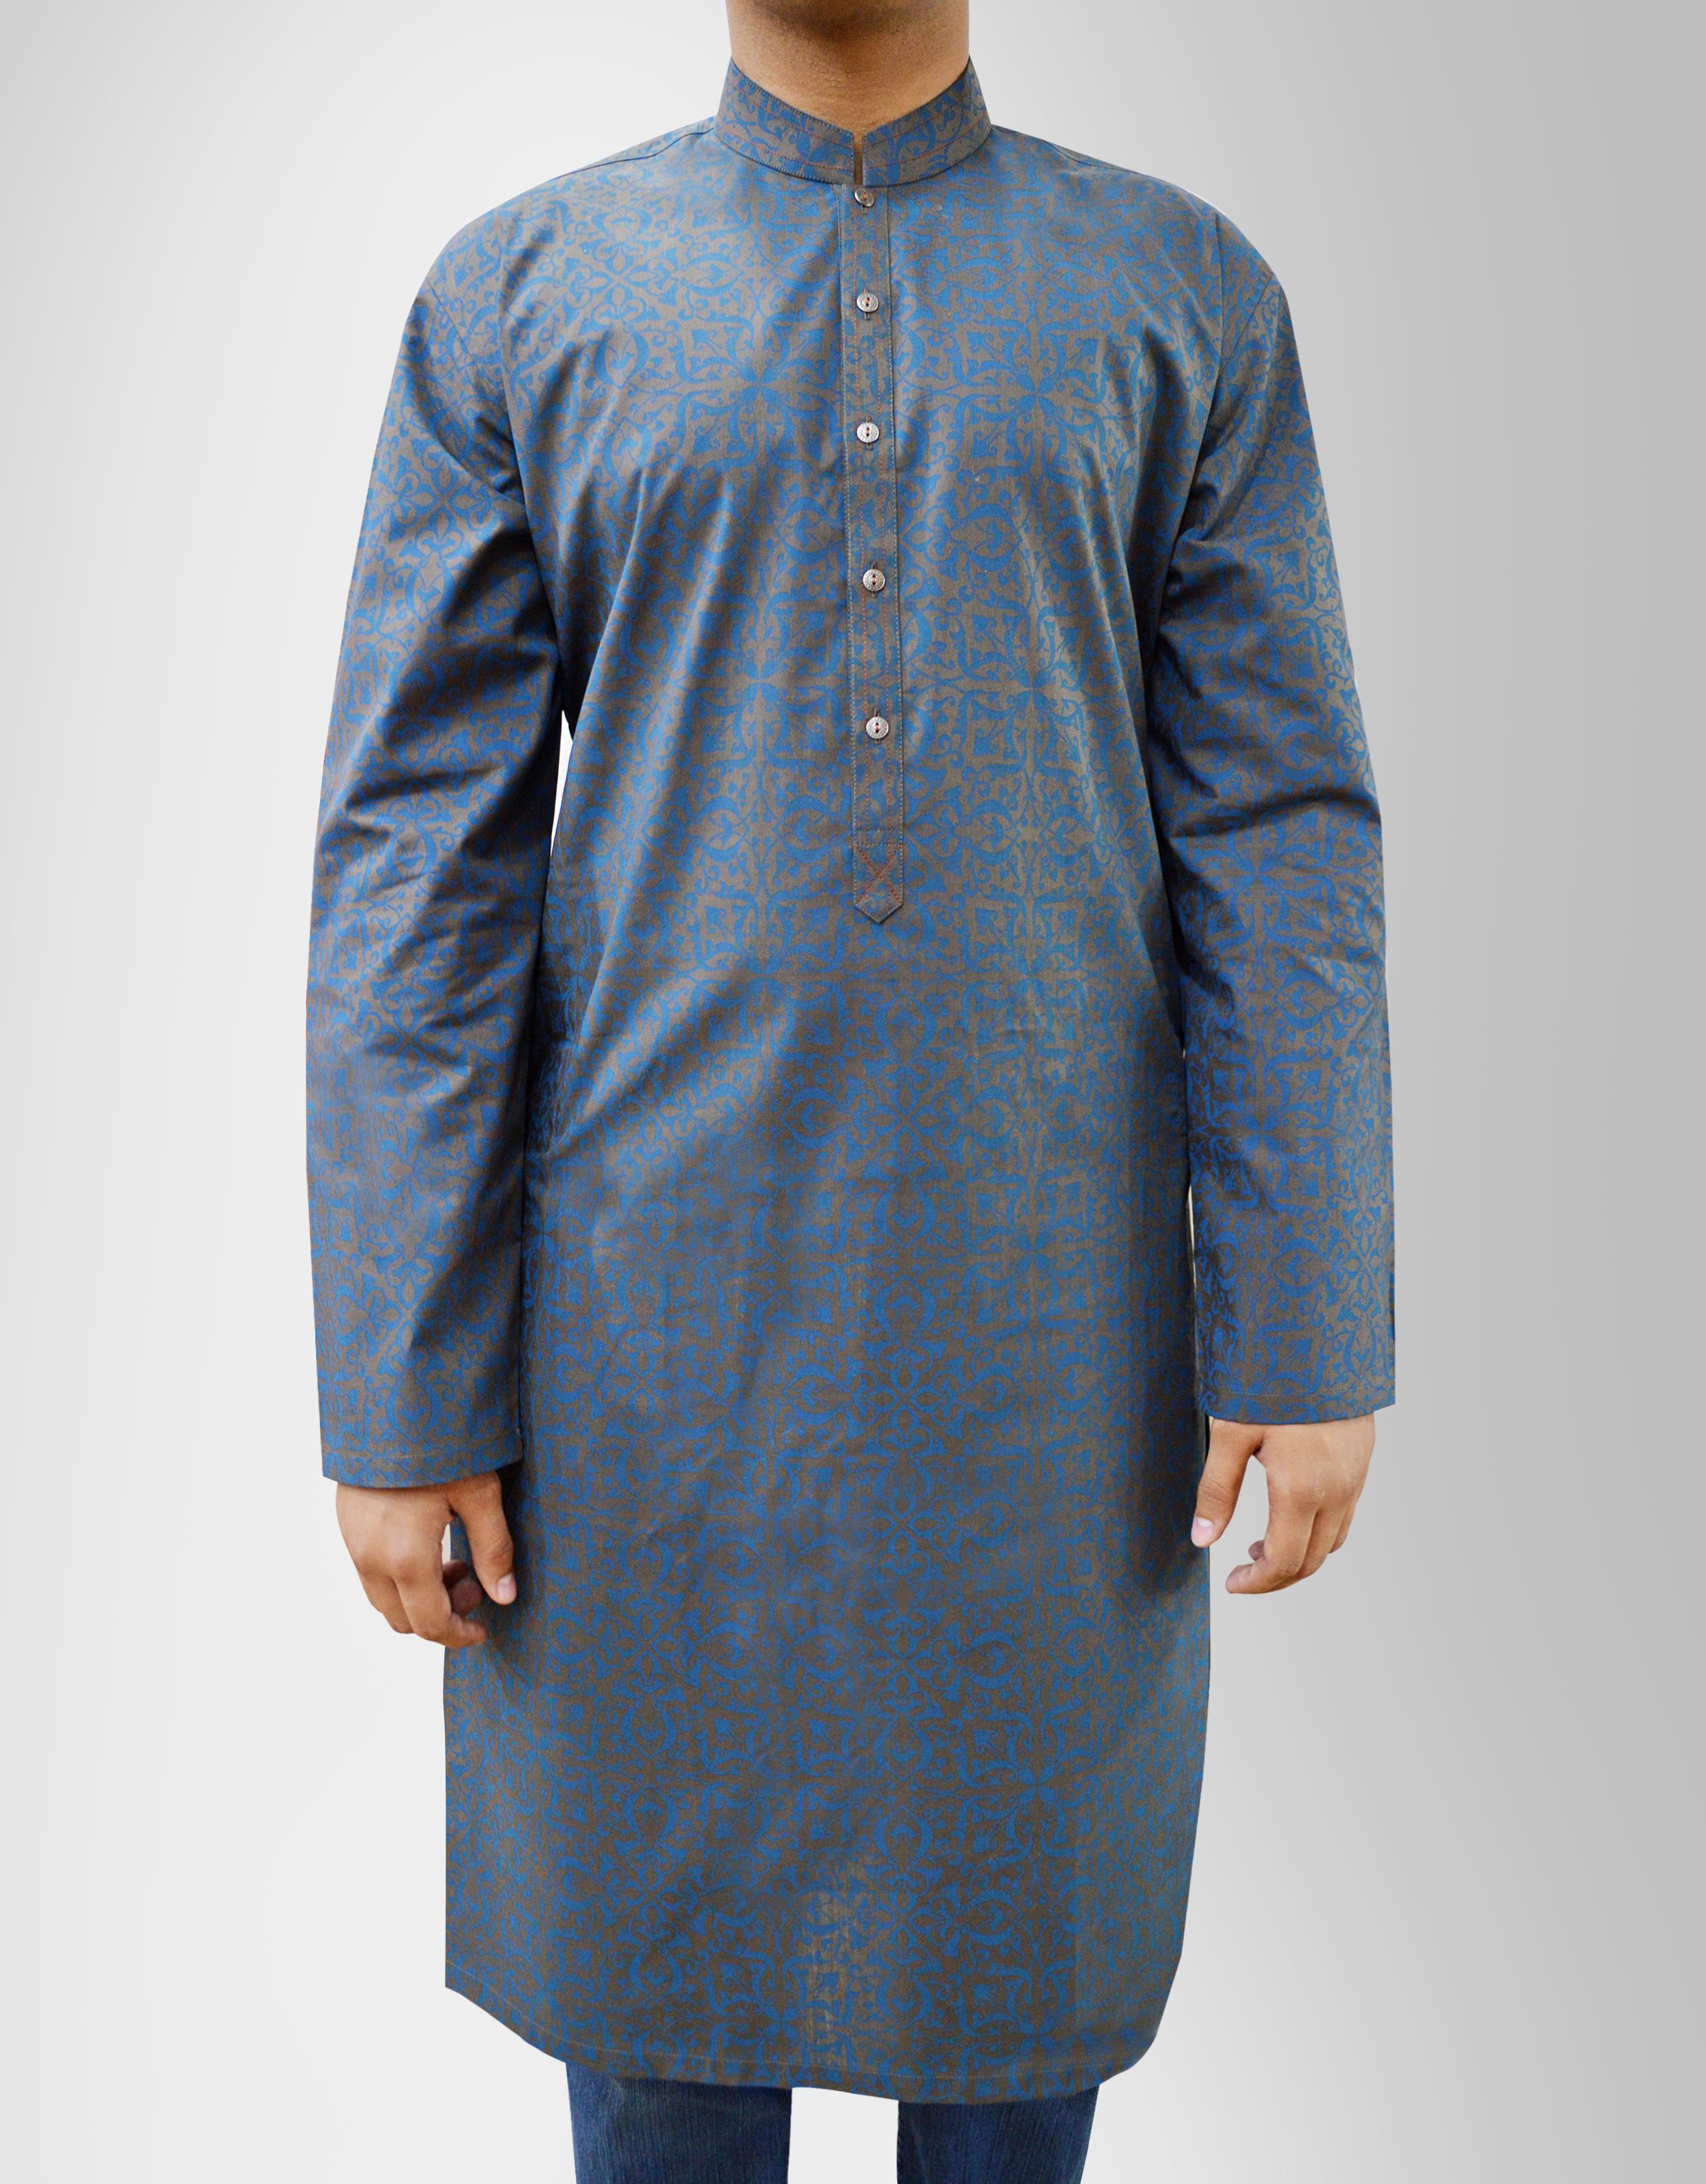 Amir-Adnan-winter-collection (2)